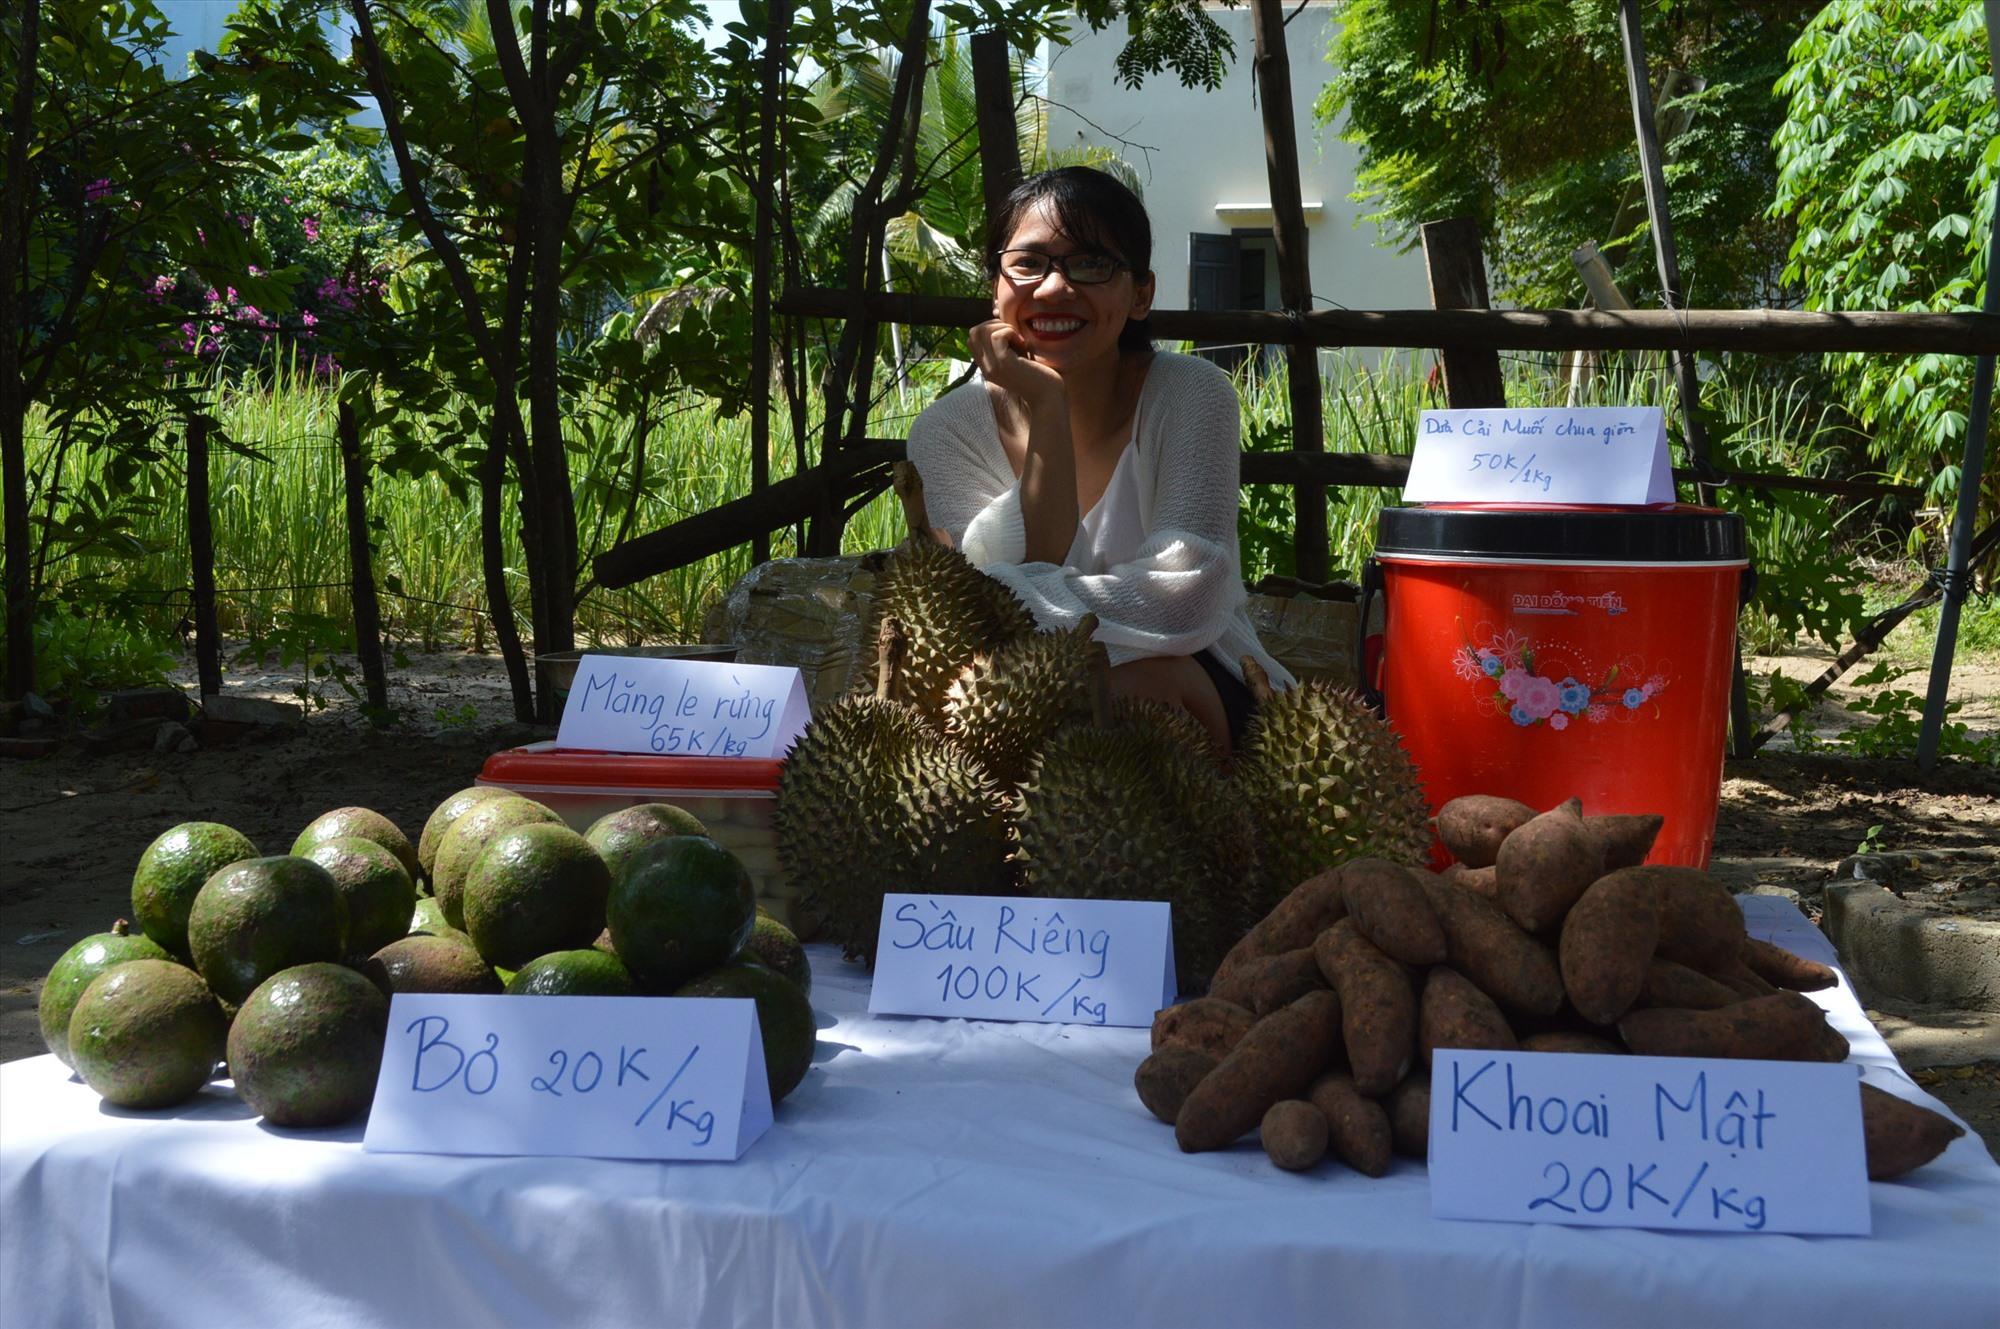 Sàn thương mại điện tử Quảng Nam sẽ là nơi giới thiêu hàng hóa Quảng Nam như sản phẩm OCOP, cơ sở làng nghề, sản phẩm công nghiệp nông thôn tiêu biểu...